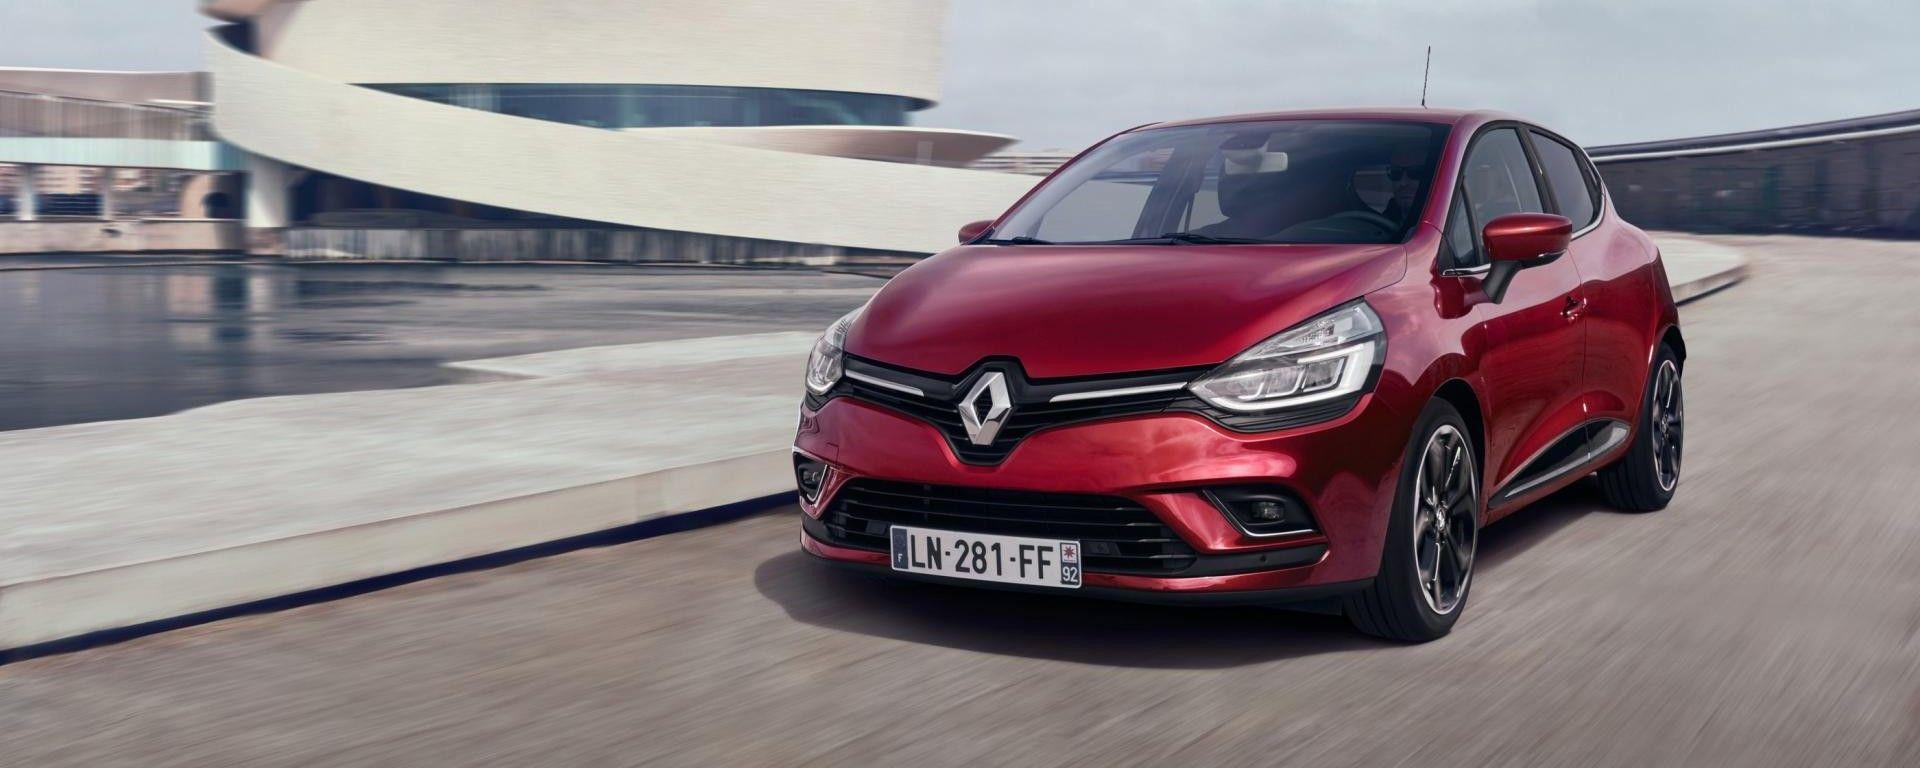 Cyber attacco: Renault e Nissan sospendono la produzione